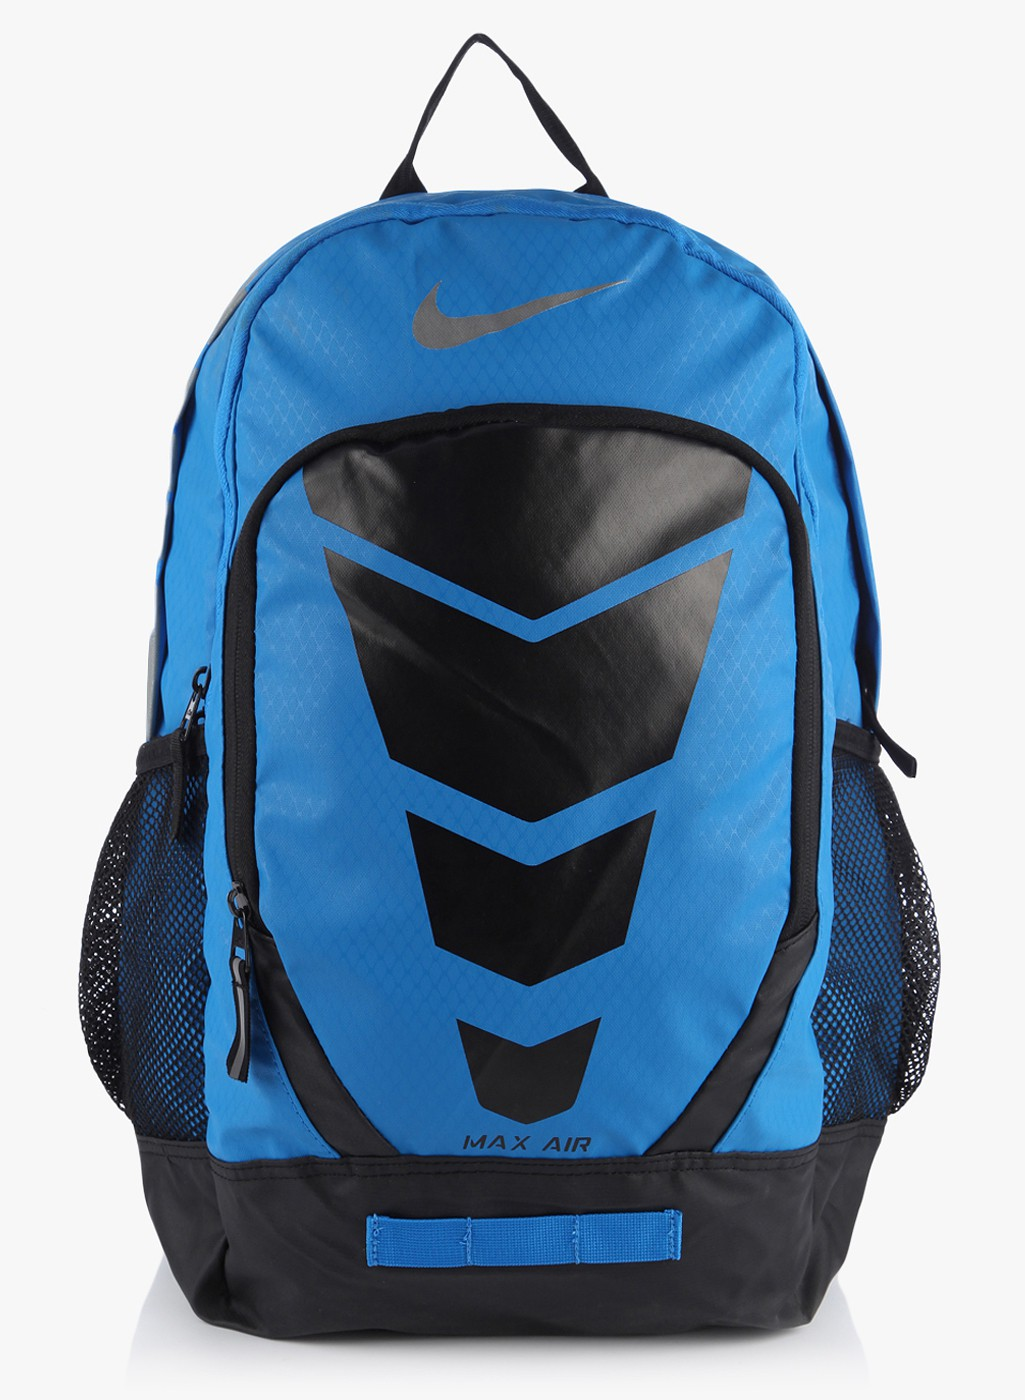 b74a503b8e4 ... Nike-Max-Air-Vapor-30-L-Backpack ...